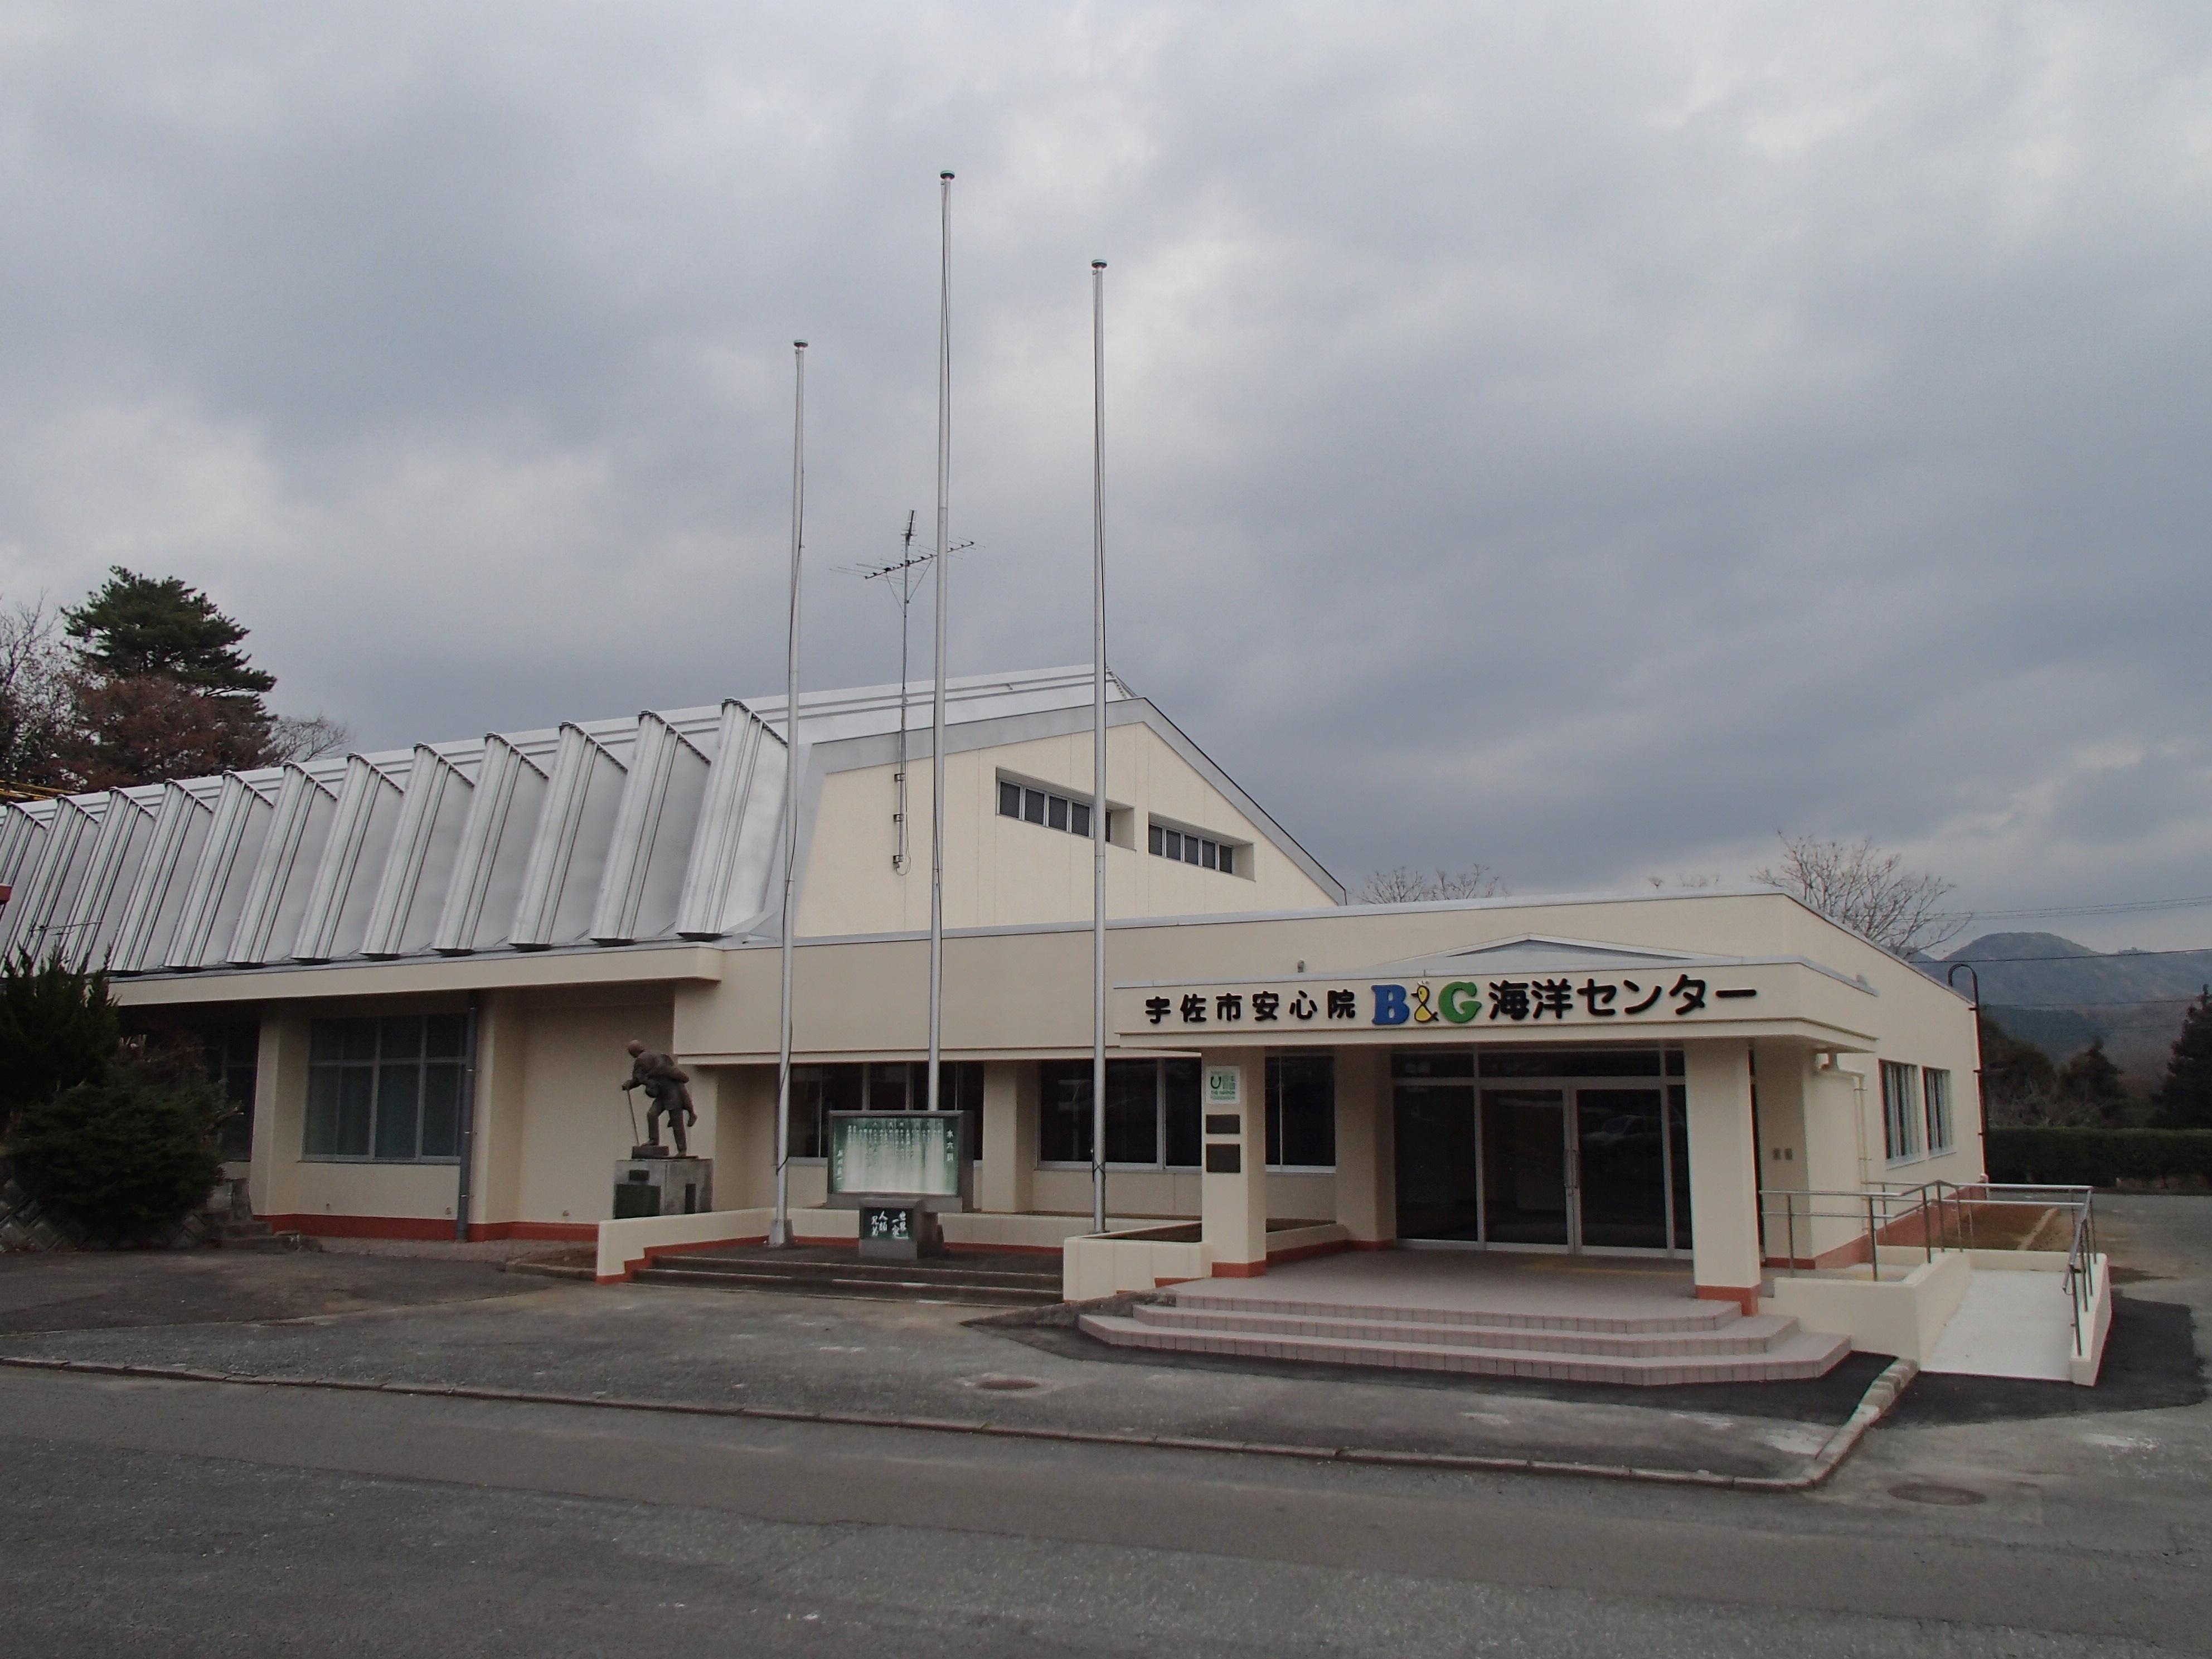 B&G体育館